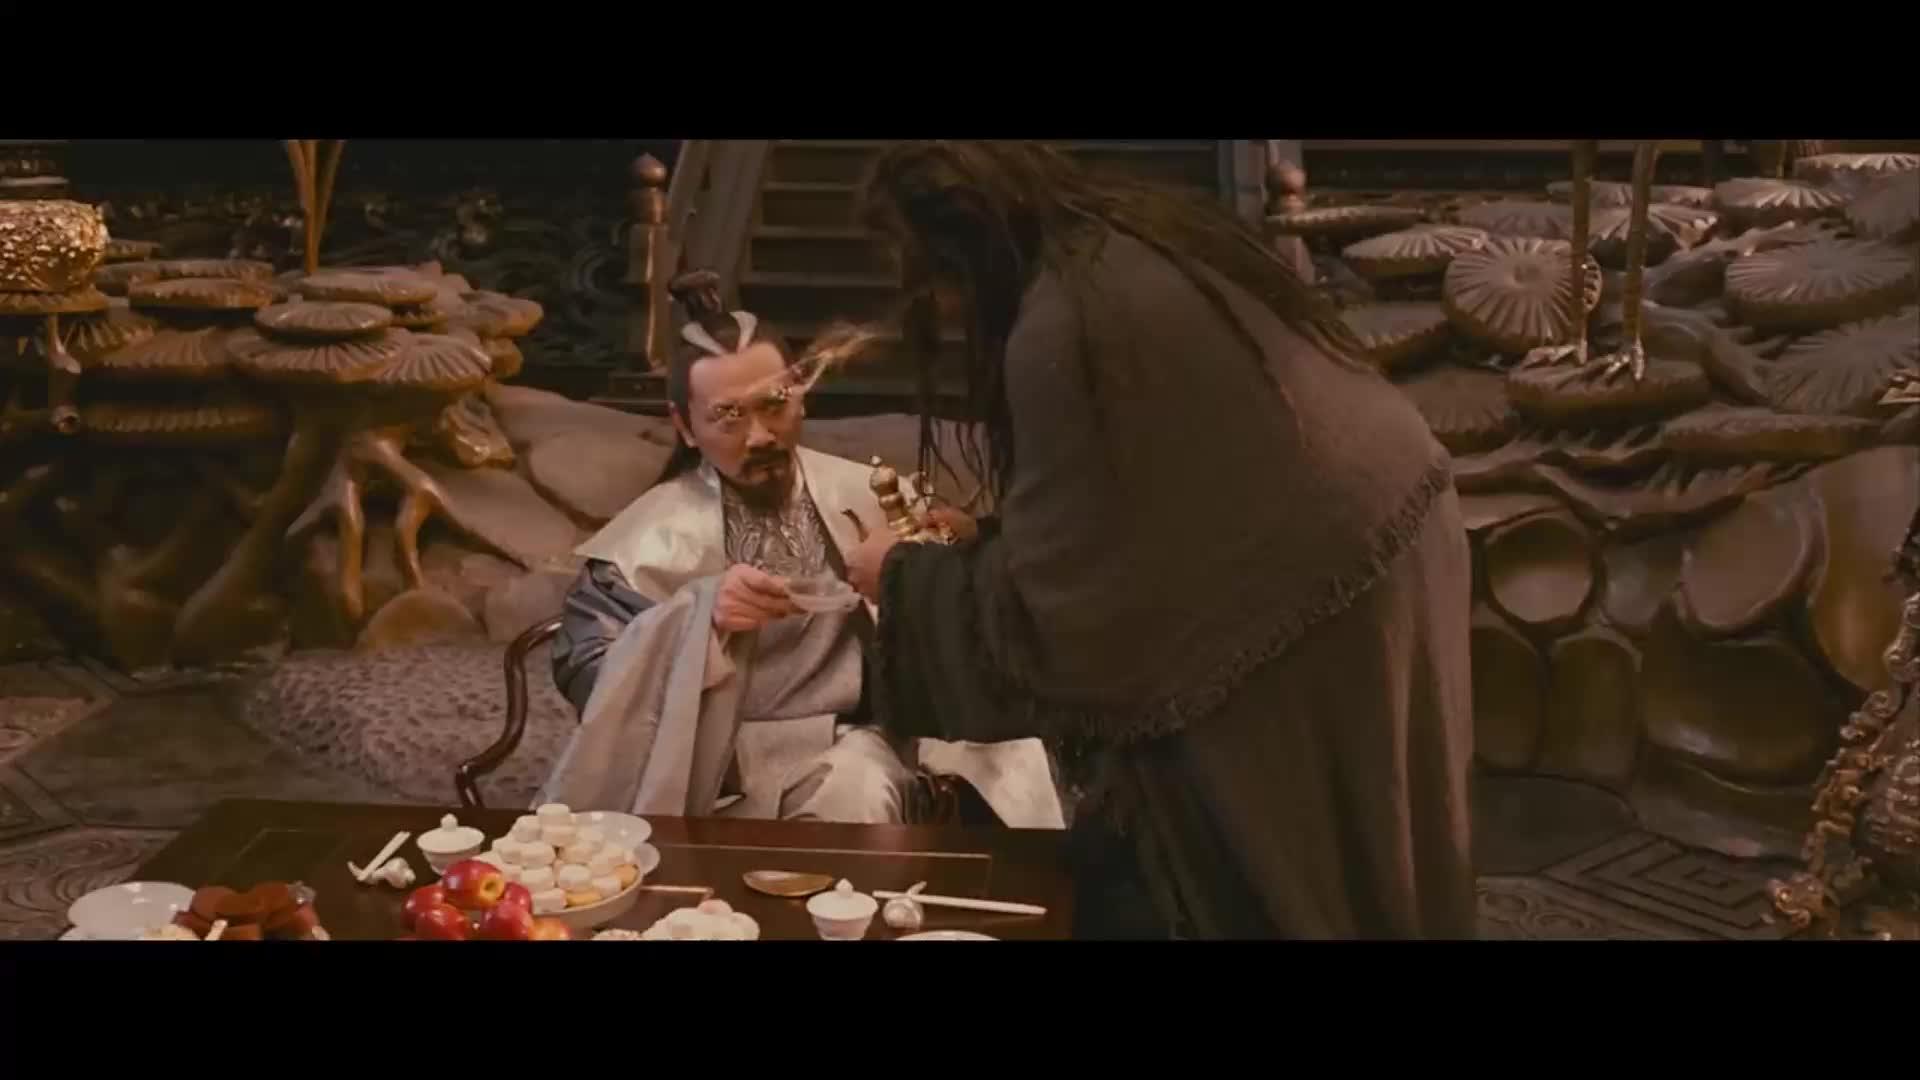 张道仙想成为三界的王还间接承认了自己骗了钟馗